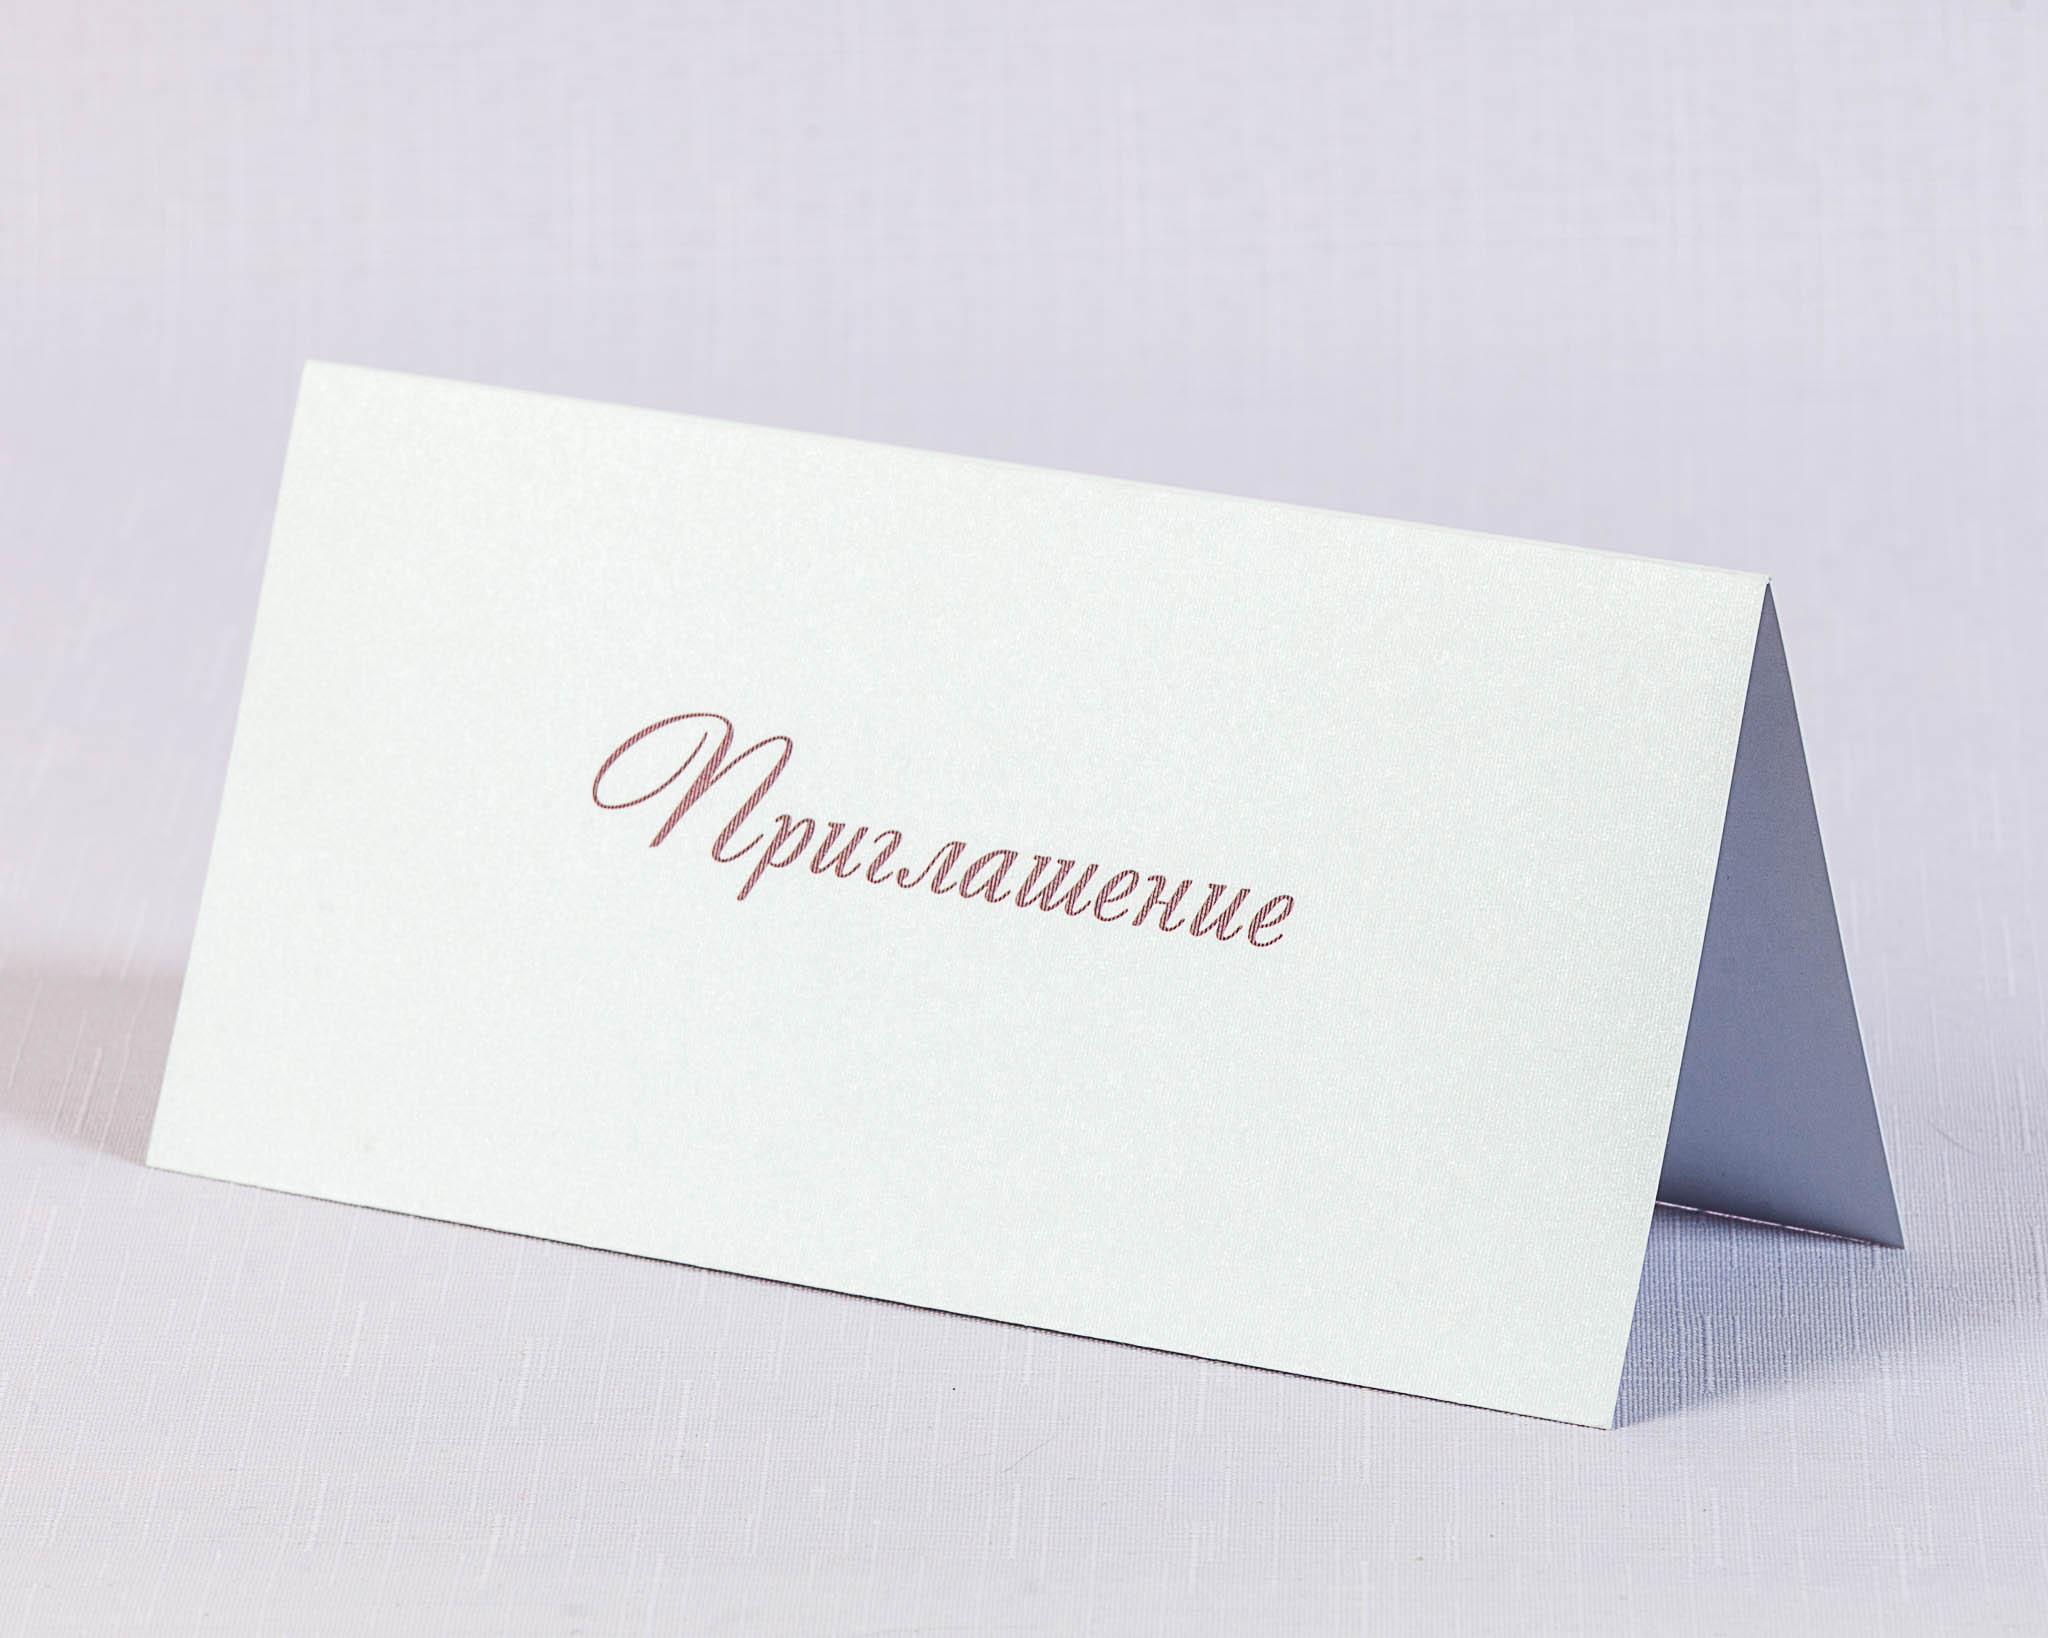 Приглашение из текстурной металлизированной бумаги 210х210